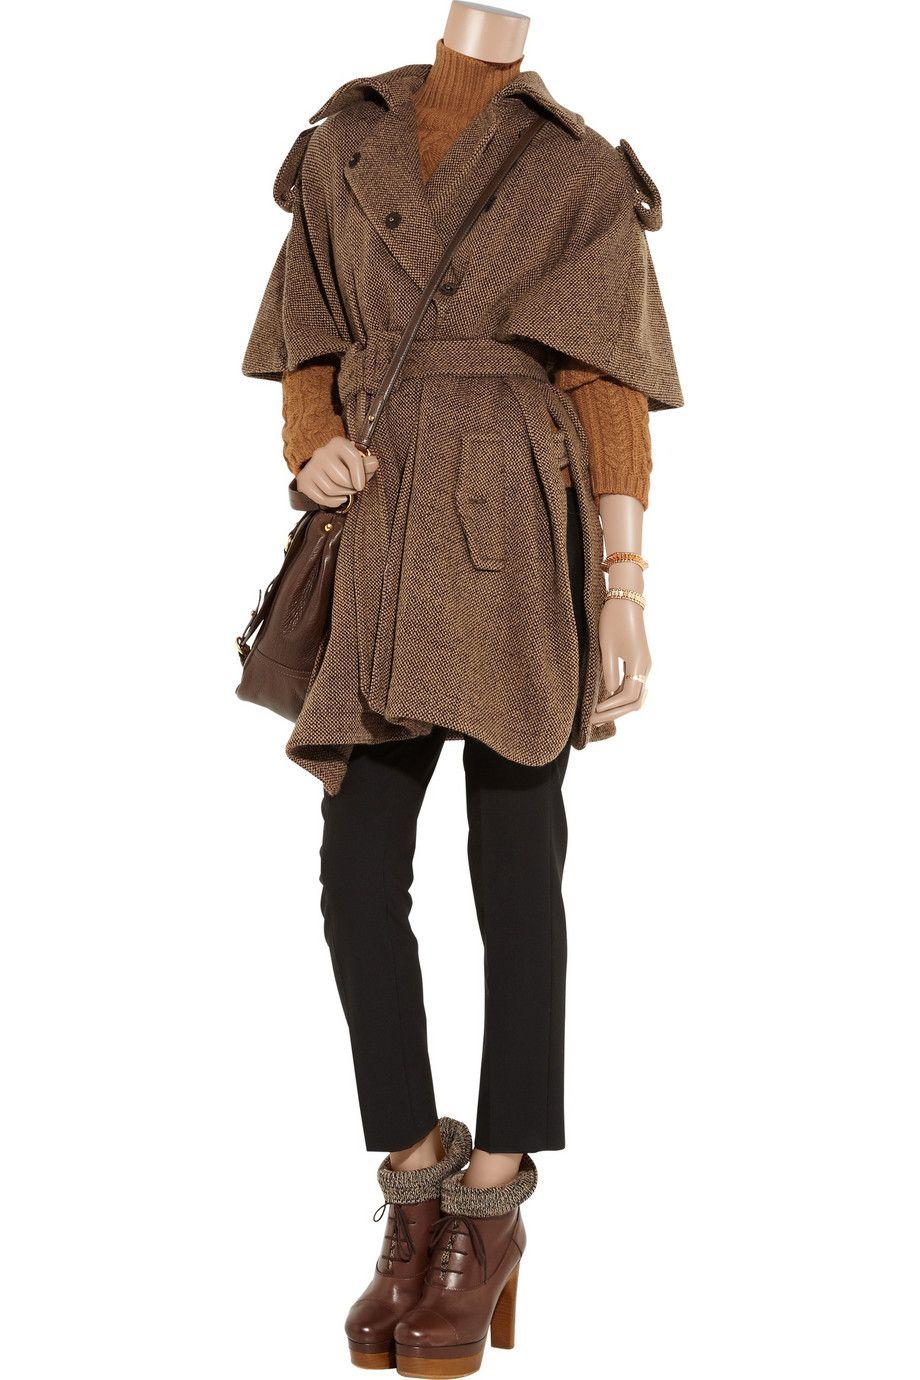 Wool-blend tweed cape by Miu Miu